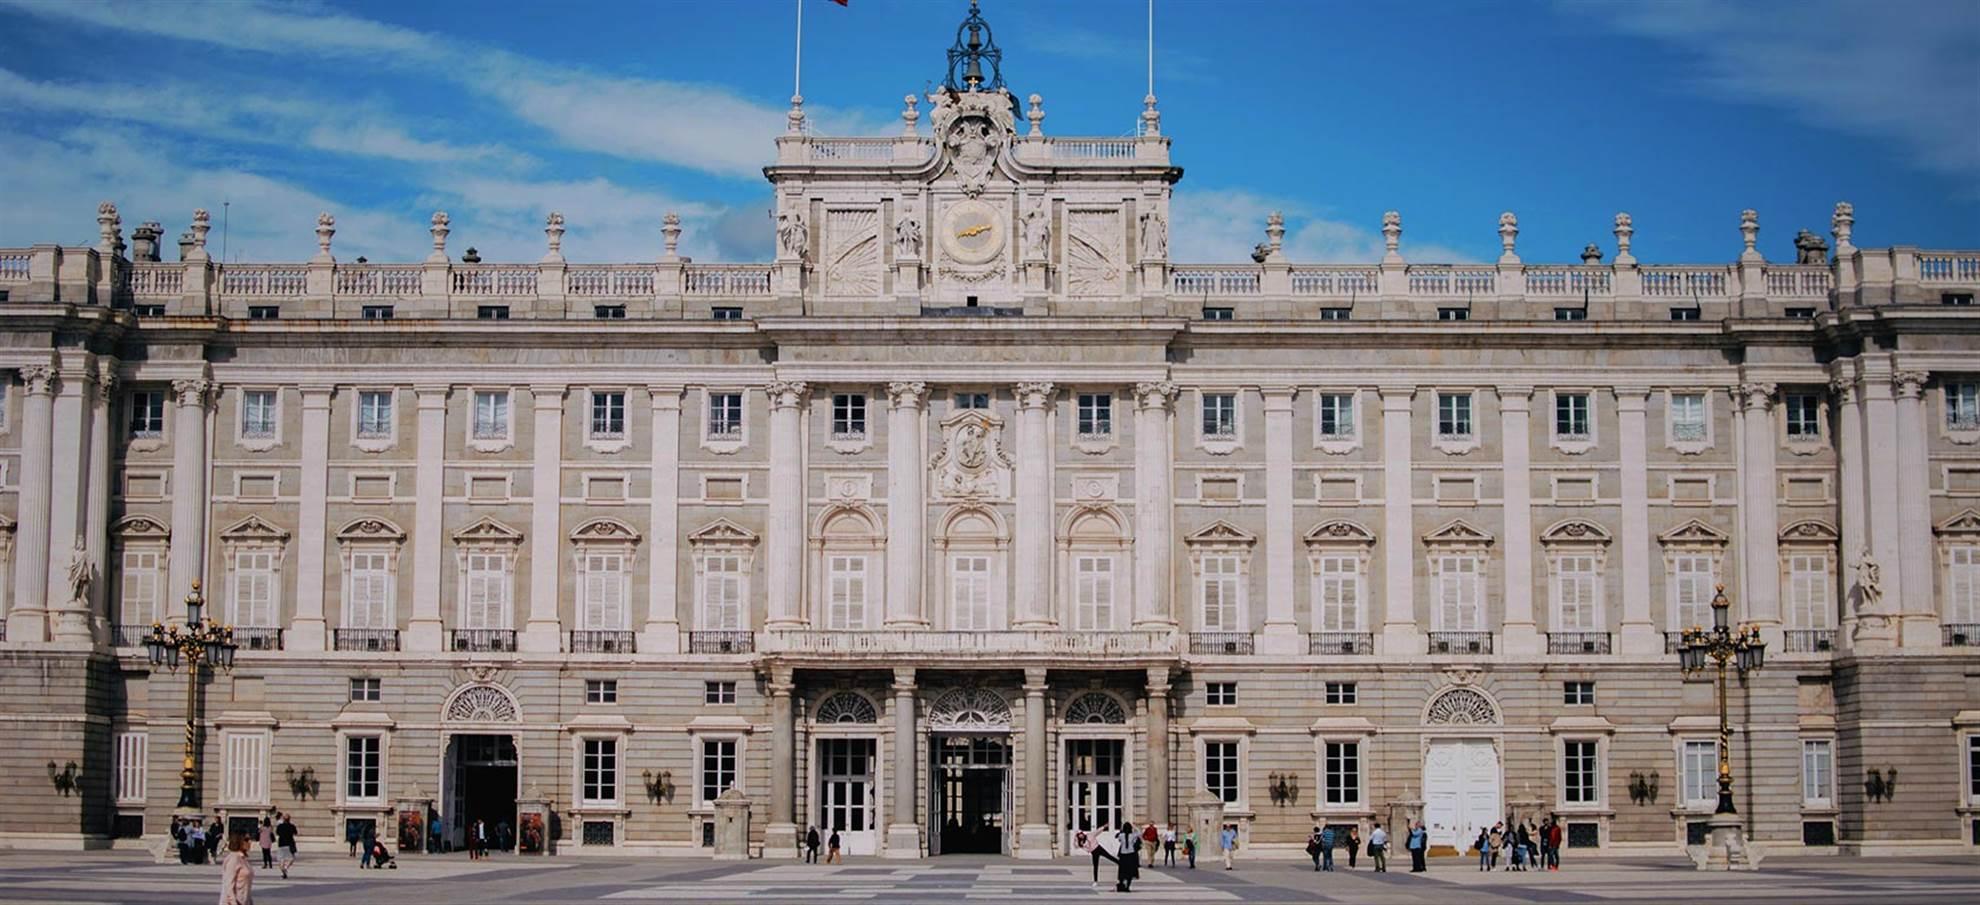 O Palácio Real de Madrid – Ingressos de Evitar a Fila!